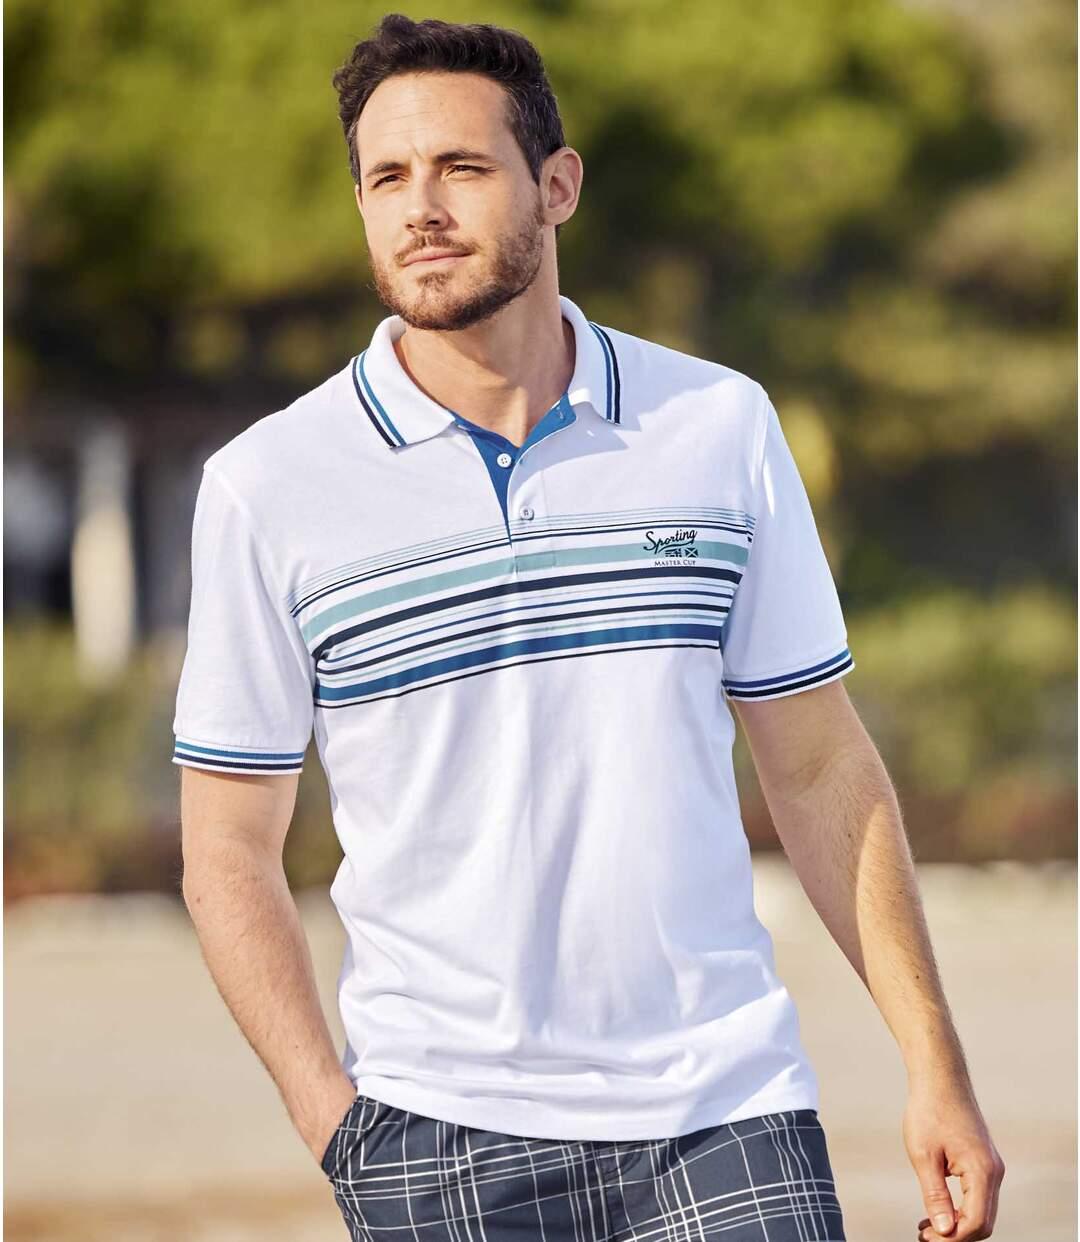 Pack of 2 Men's Striped Polo Shirts - Navy White Atlas For Men